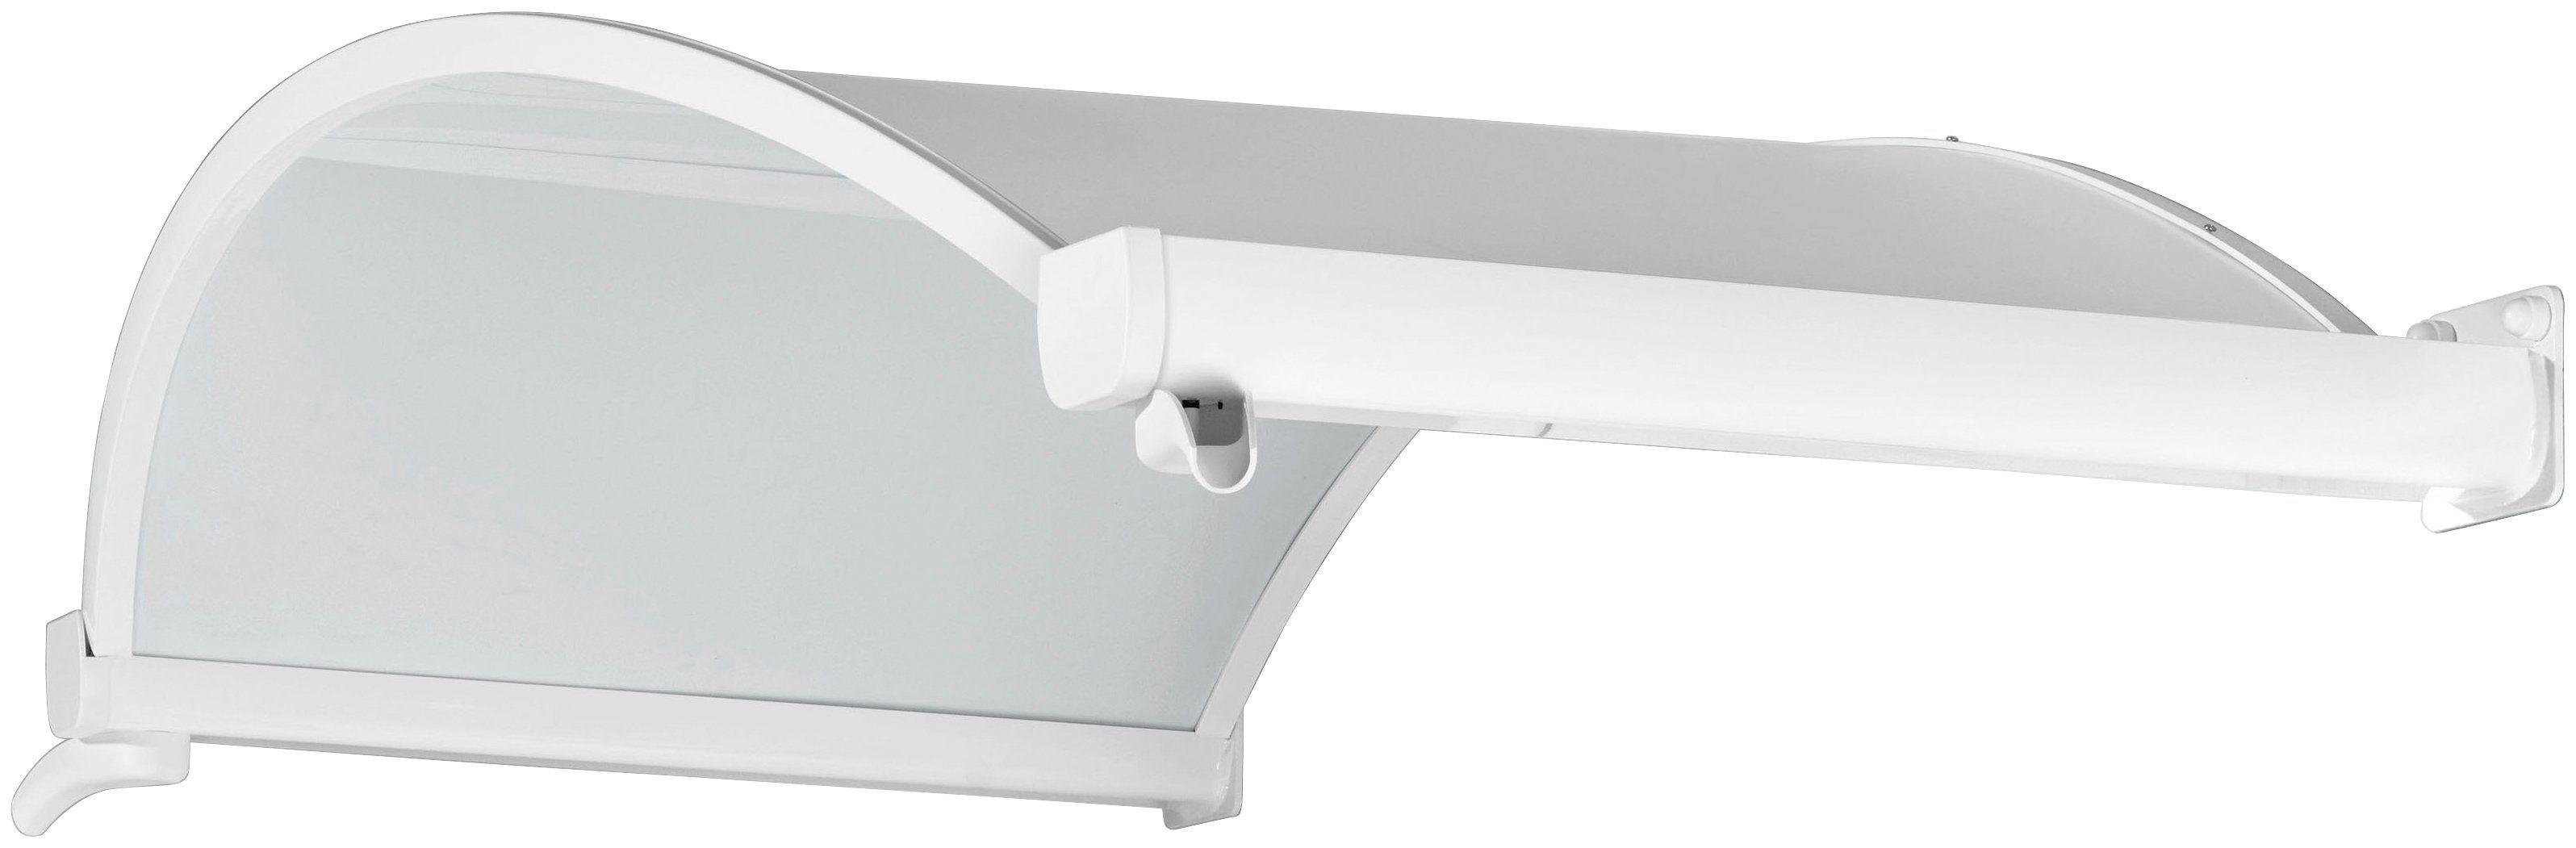 Vordach »TYP OV/B«, 160x90x30 cm, opak